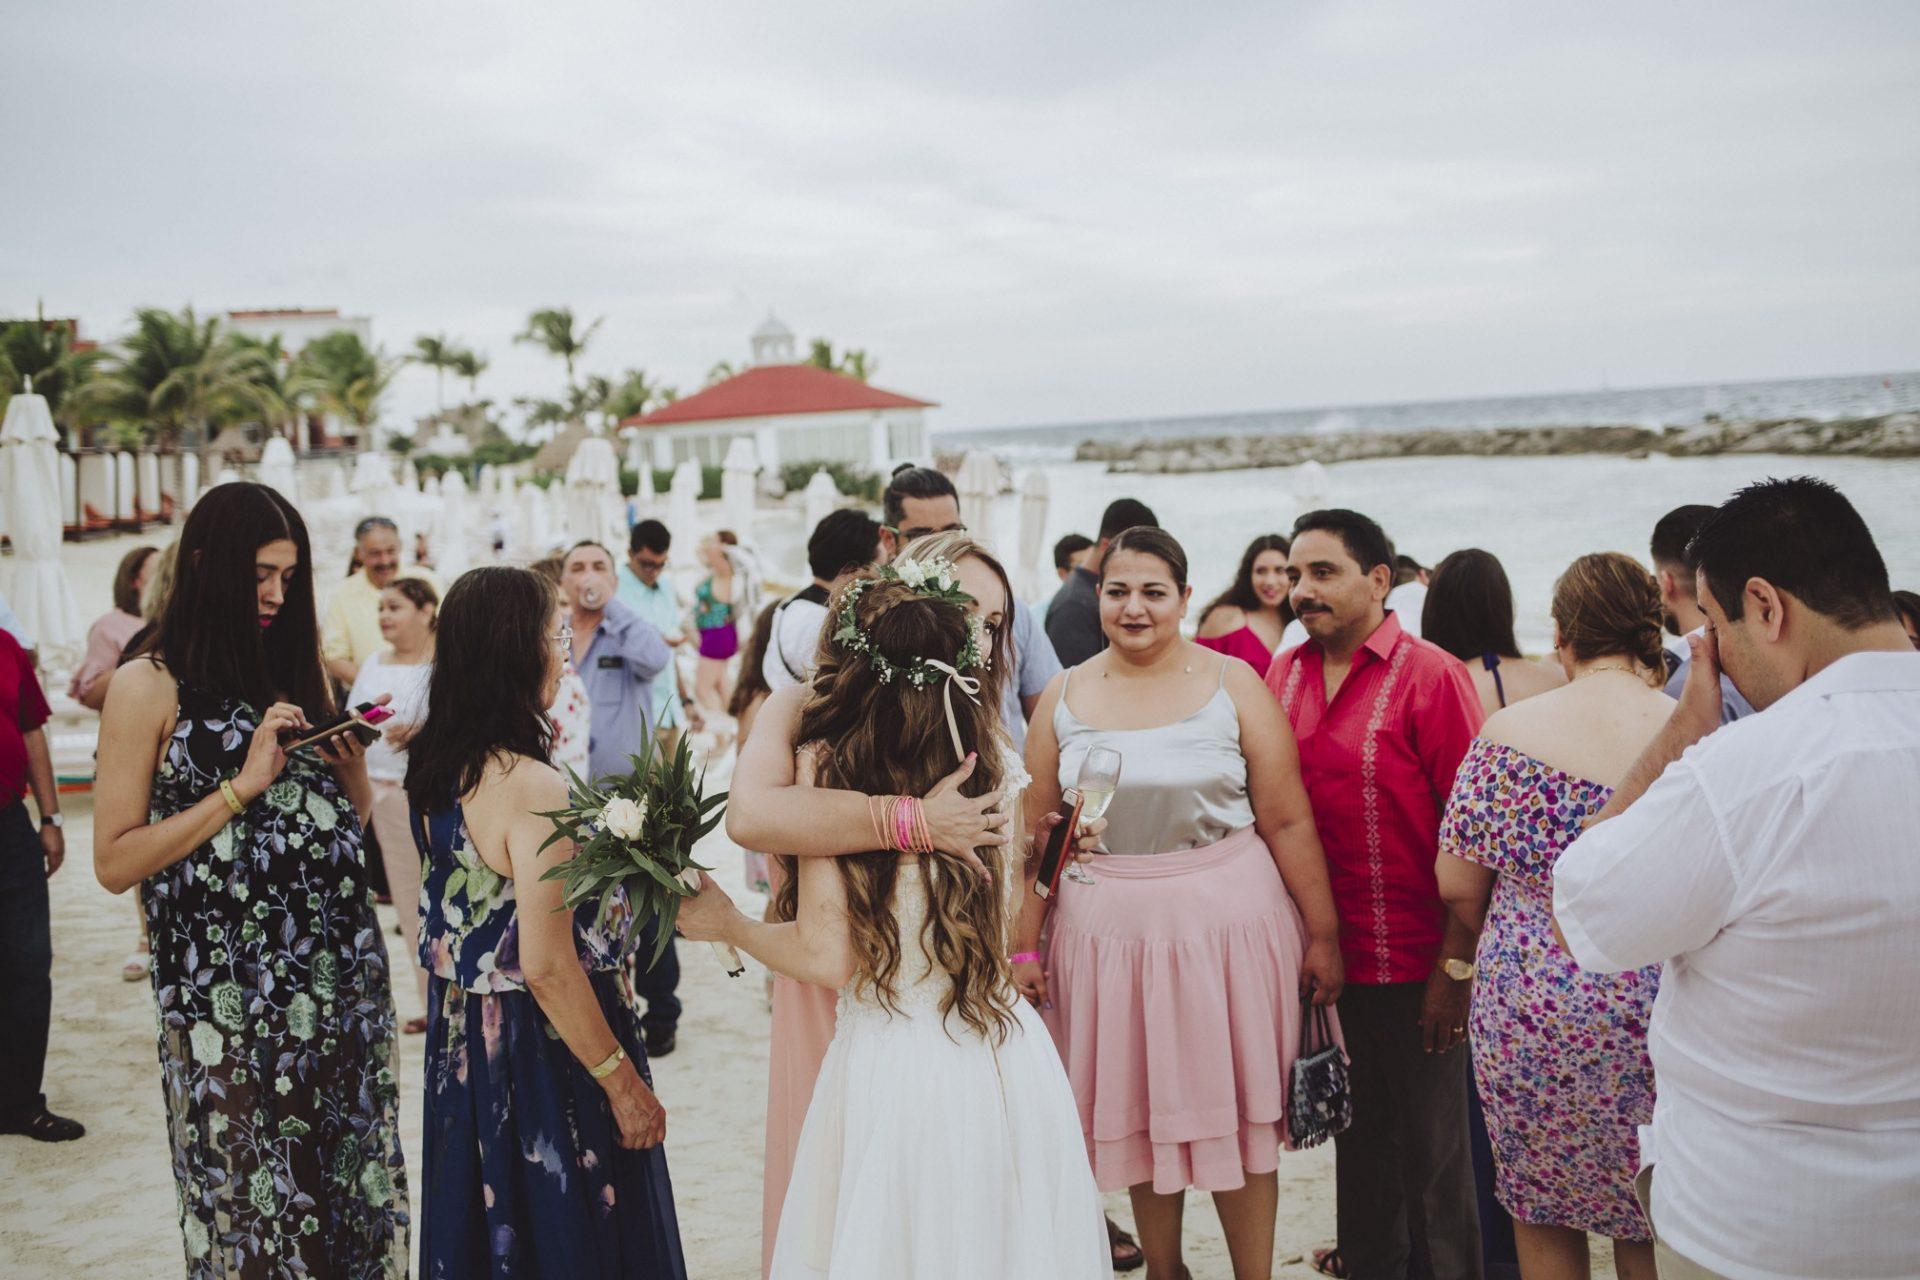 fotografo_bodas_profesional_zacatecas_riviera_maya_cancun-88